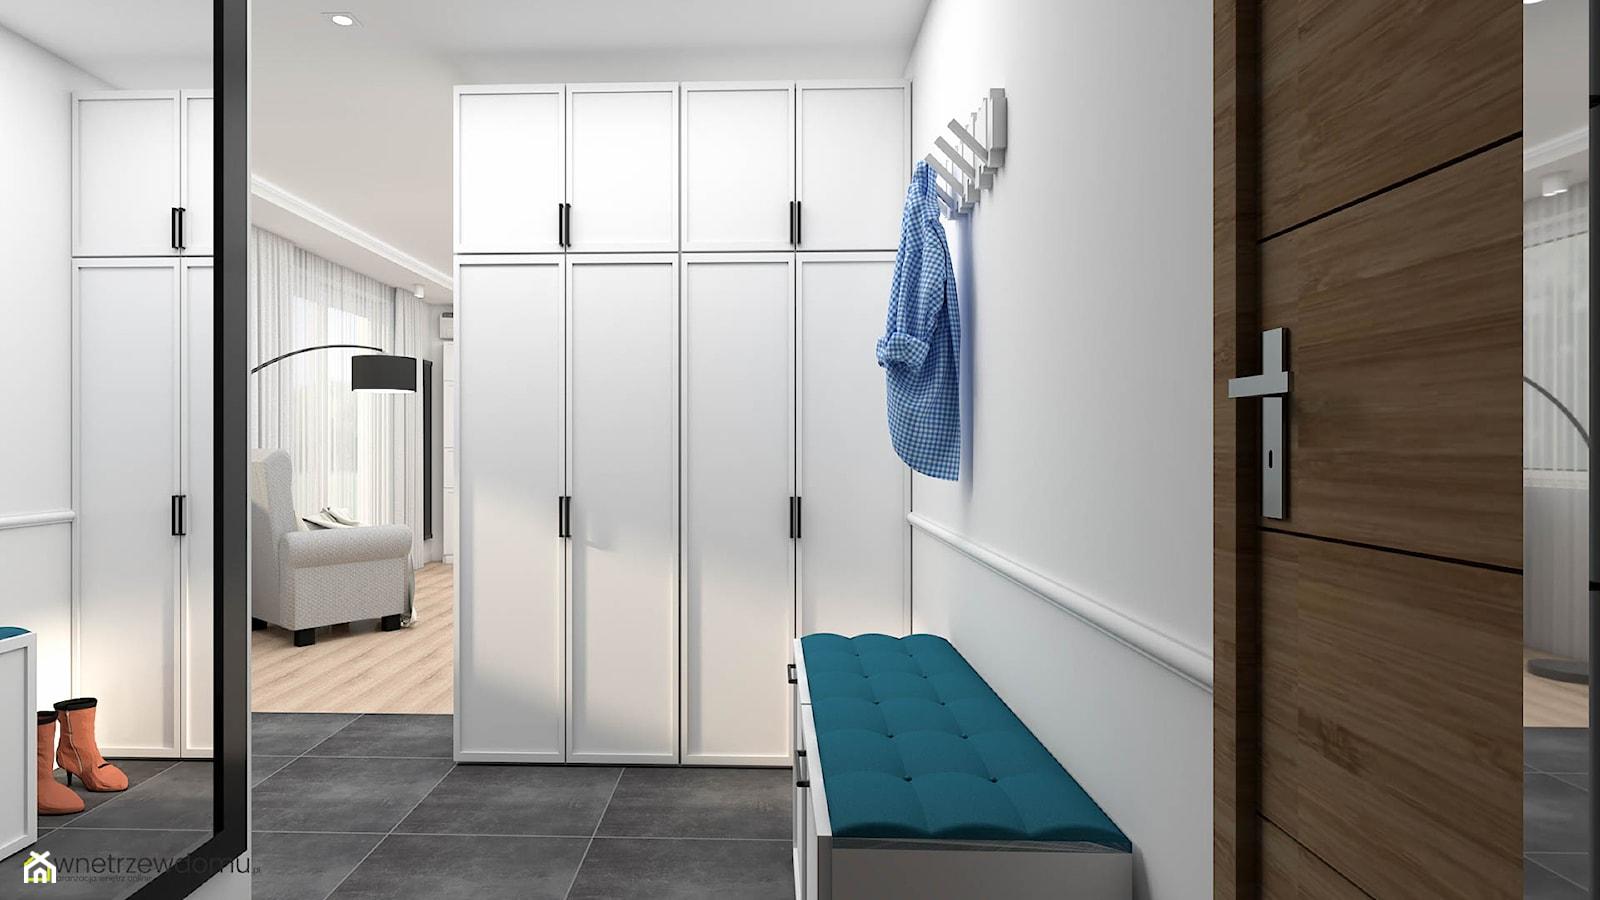 Hol z dużą szafą - zdjęcie od wnetrzewdomu - Homebook